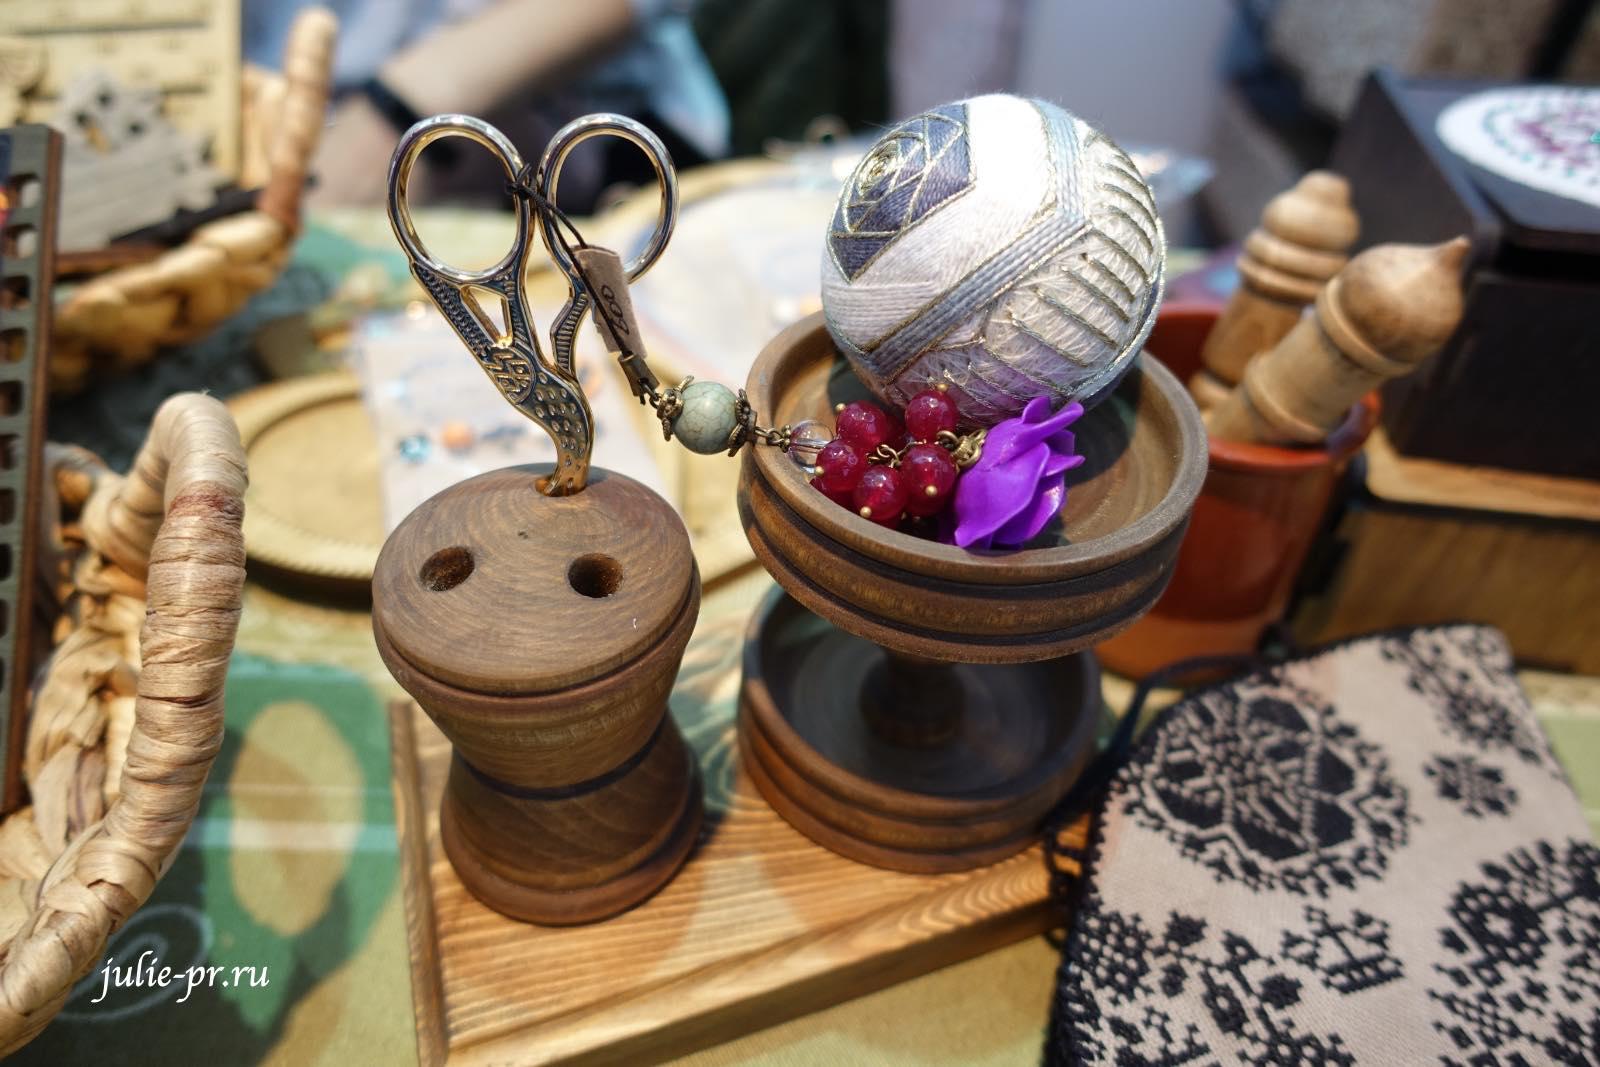 Primitive & wood, вышивка крестом, формула рукоделия